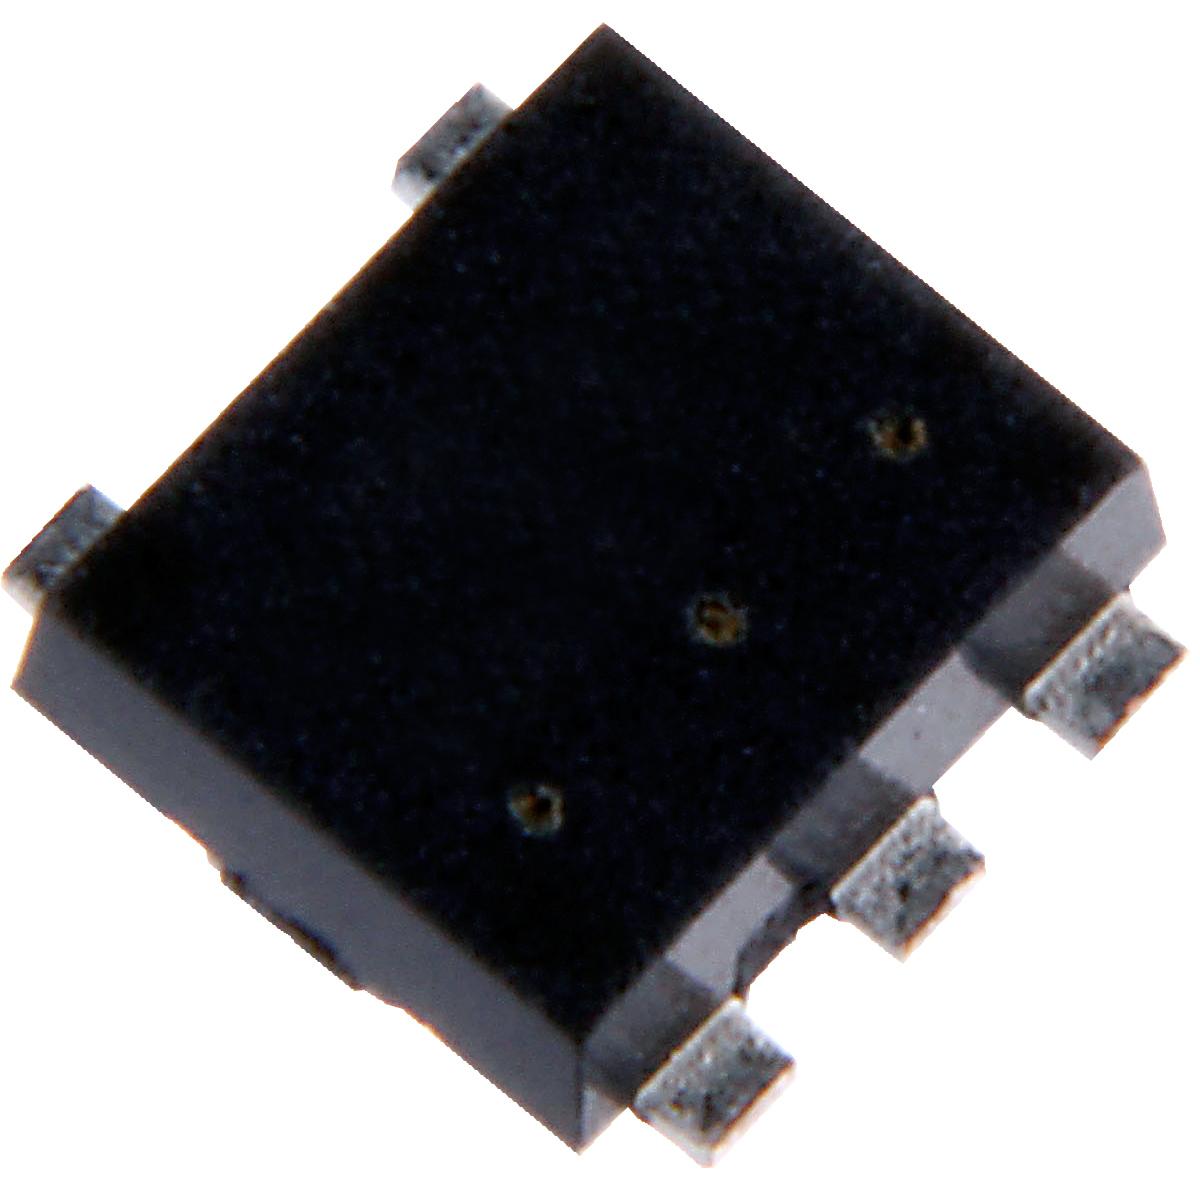 東芝:業界トップレベルの低ノイズを実現したCMOSオペアンプ「TC75S67TU」(写真:ビジネスワイヤ)